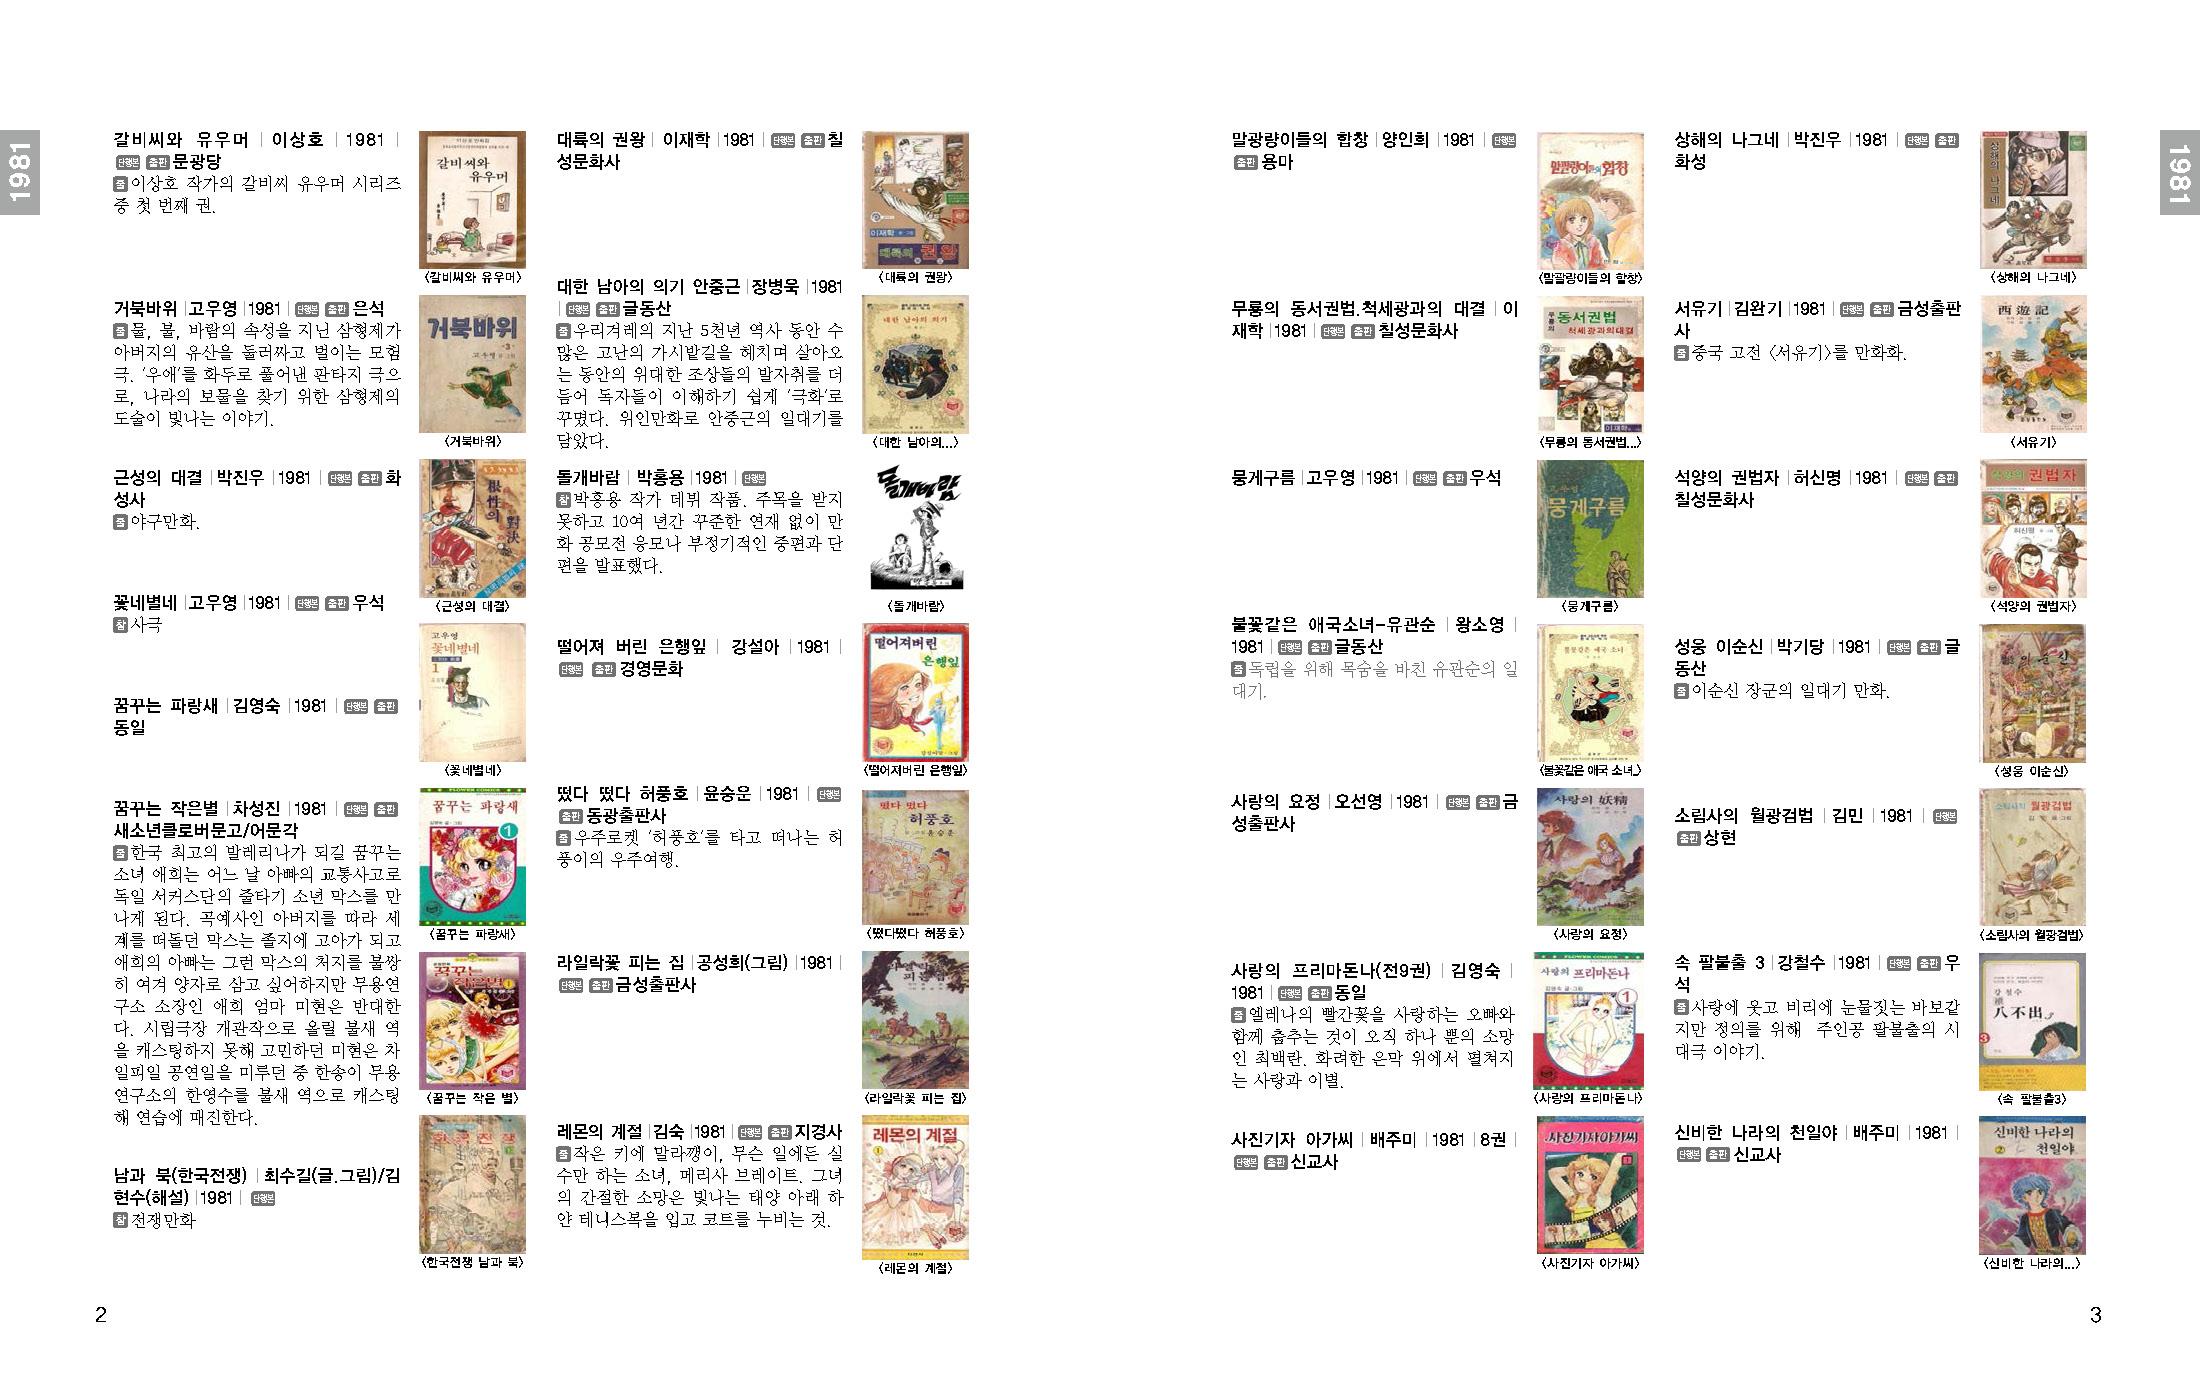 만화6차_1981-90_페이지_02.jpg